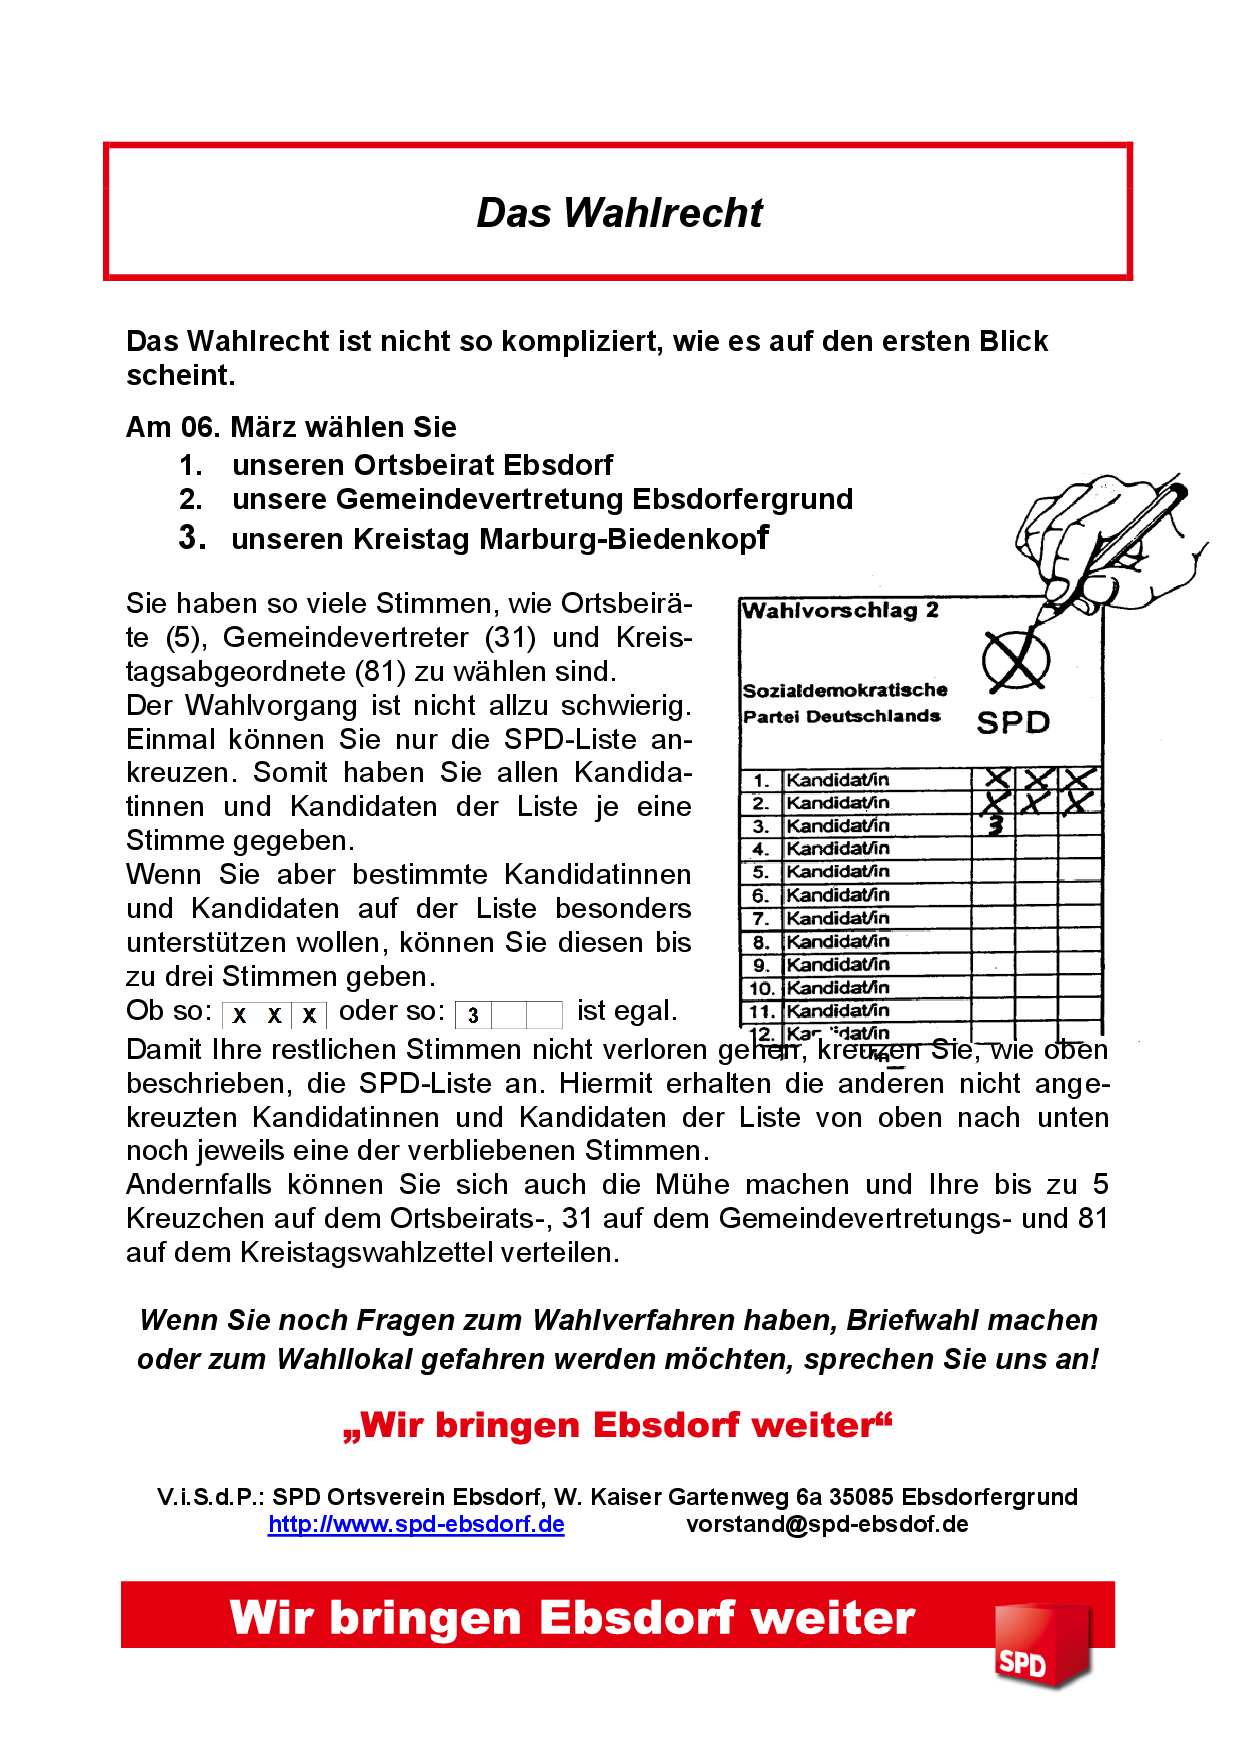 SPD_Kommunalwahl_2016_8